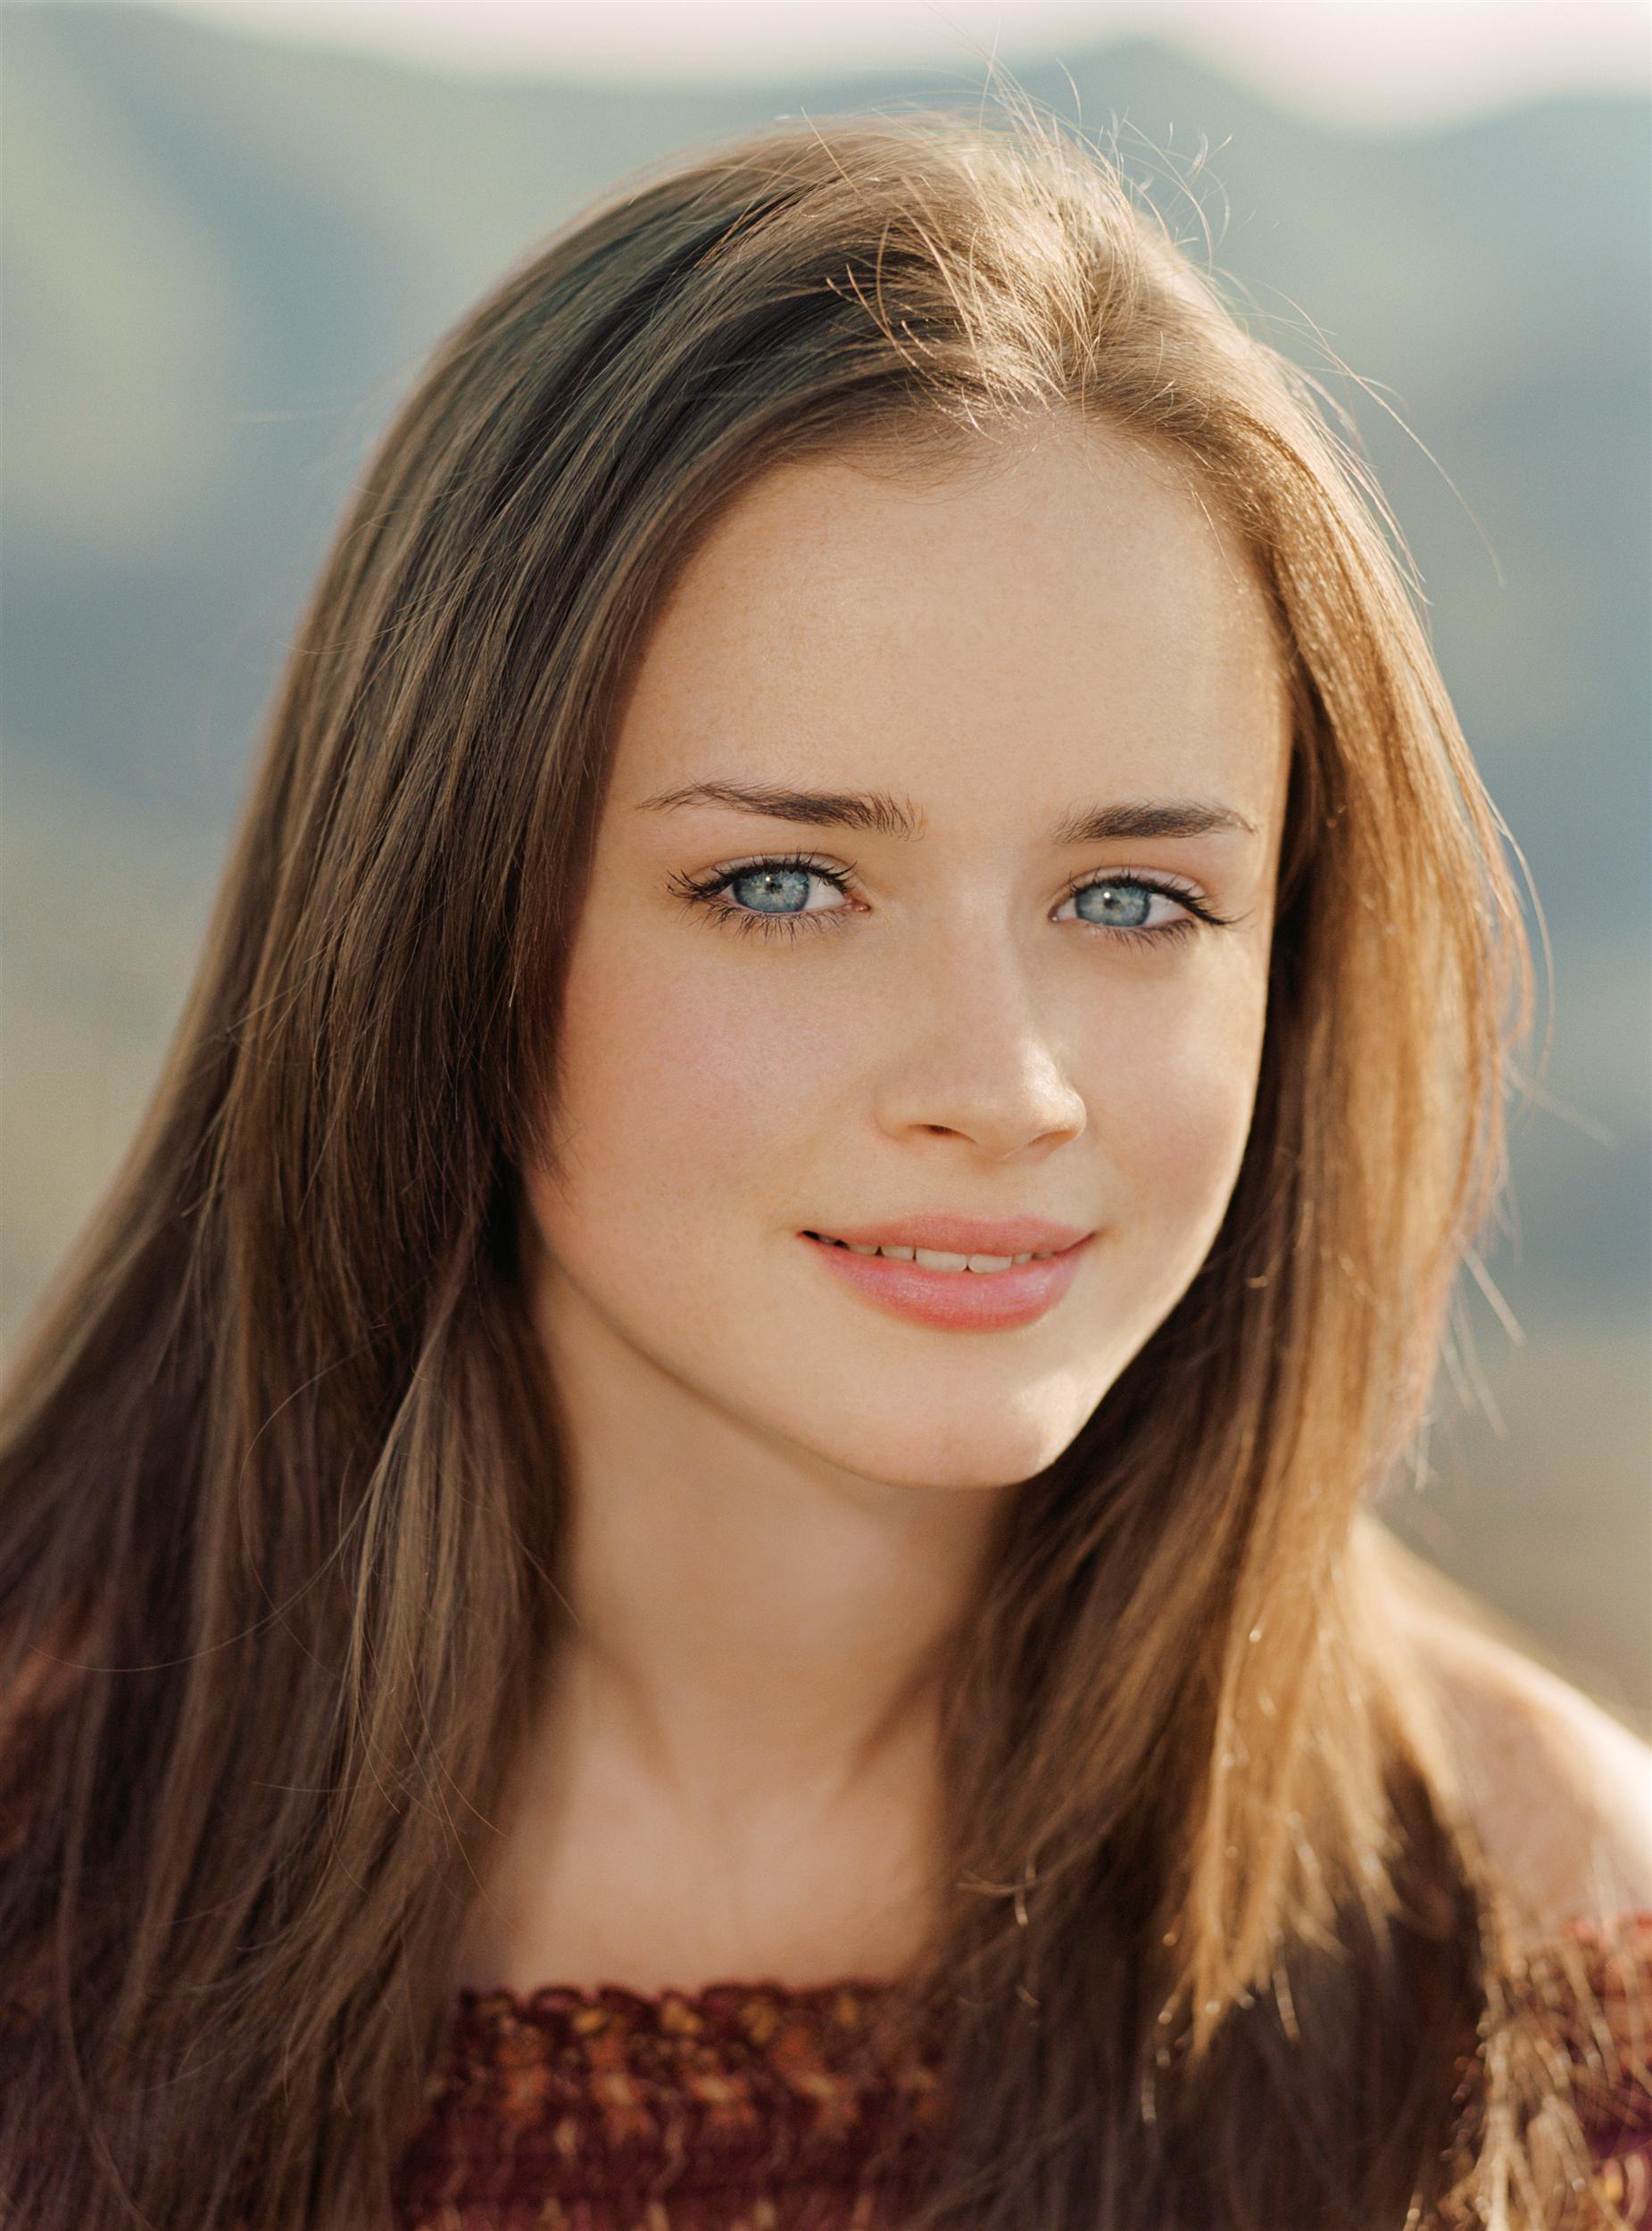 Фото красивых девушек до 16лет